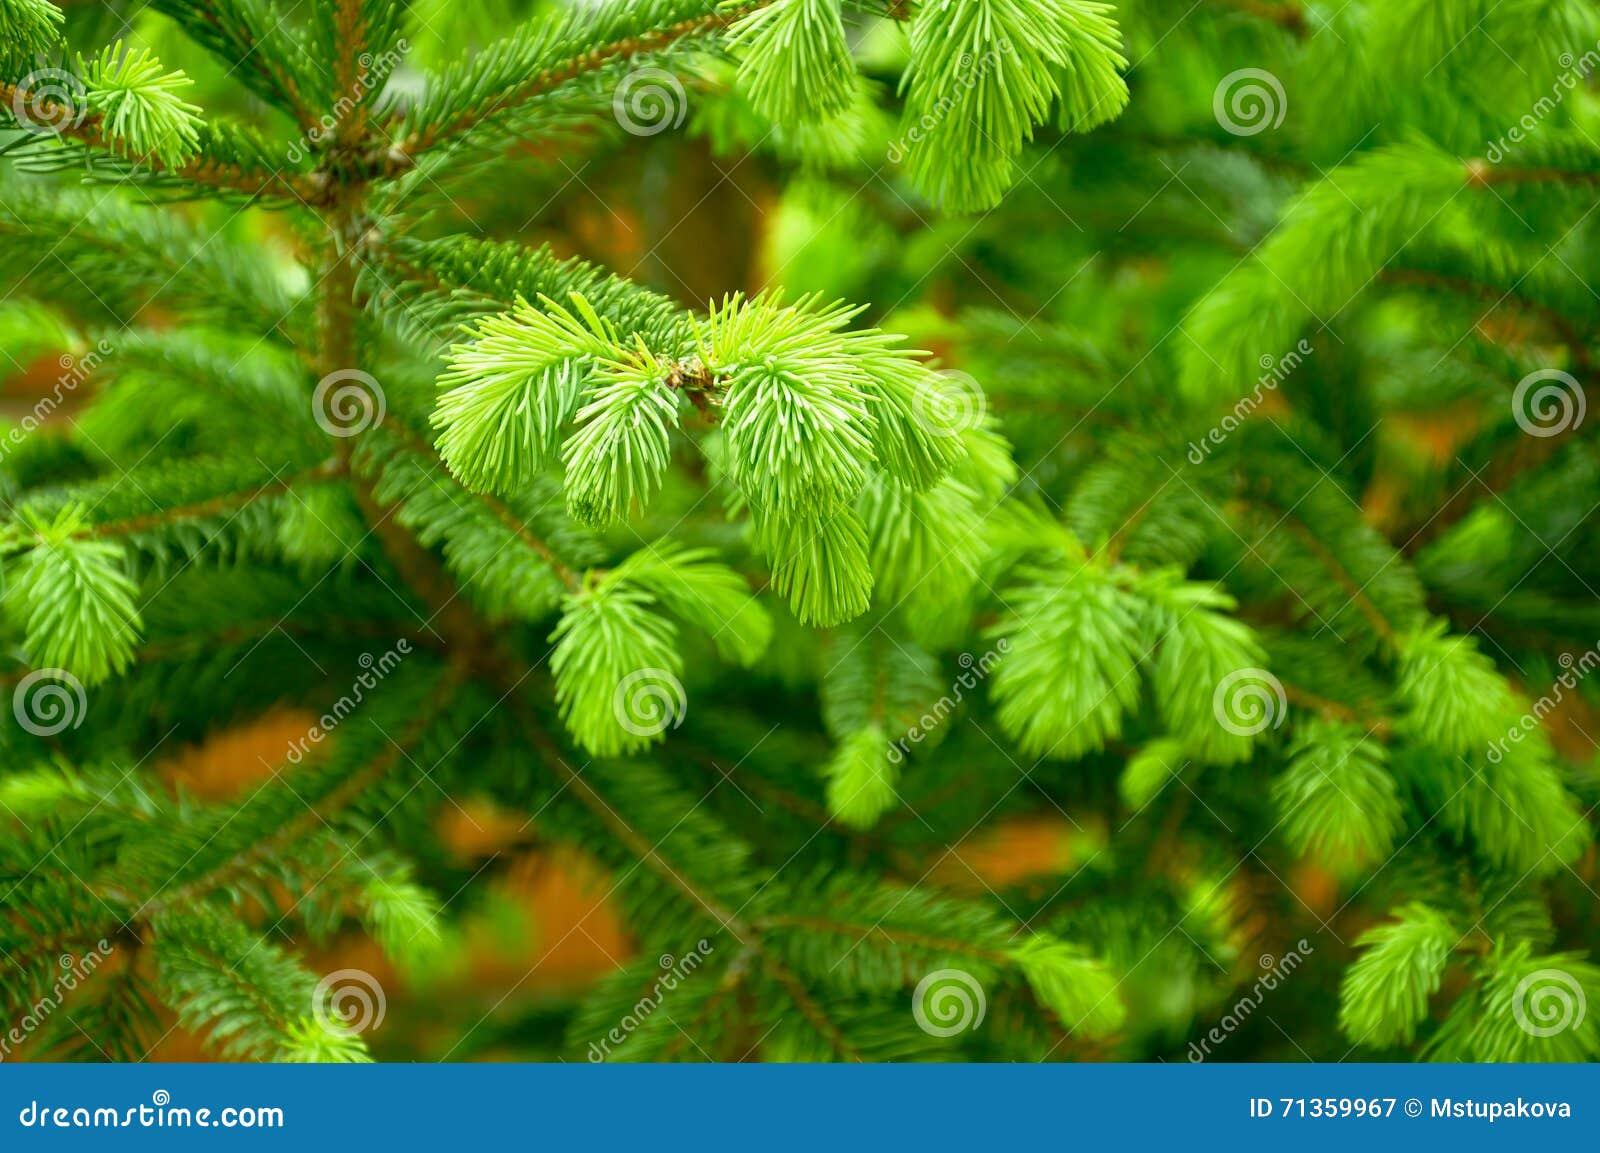 Молодые нежные зеленые всходы спруса